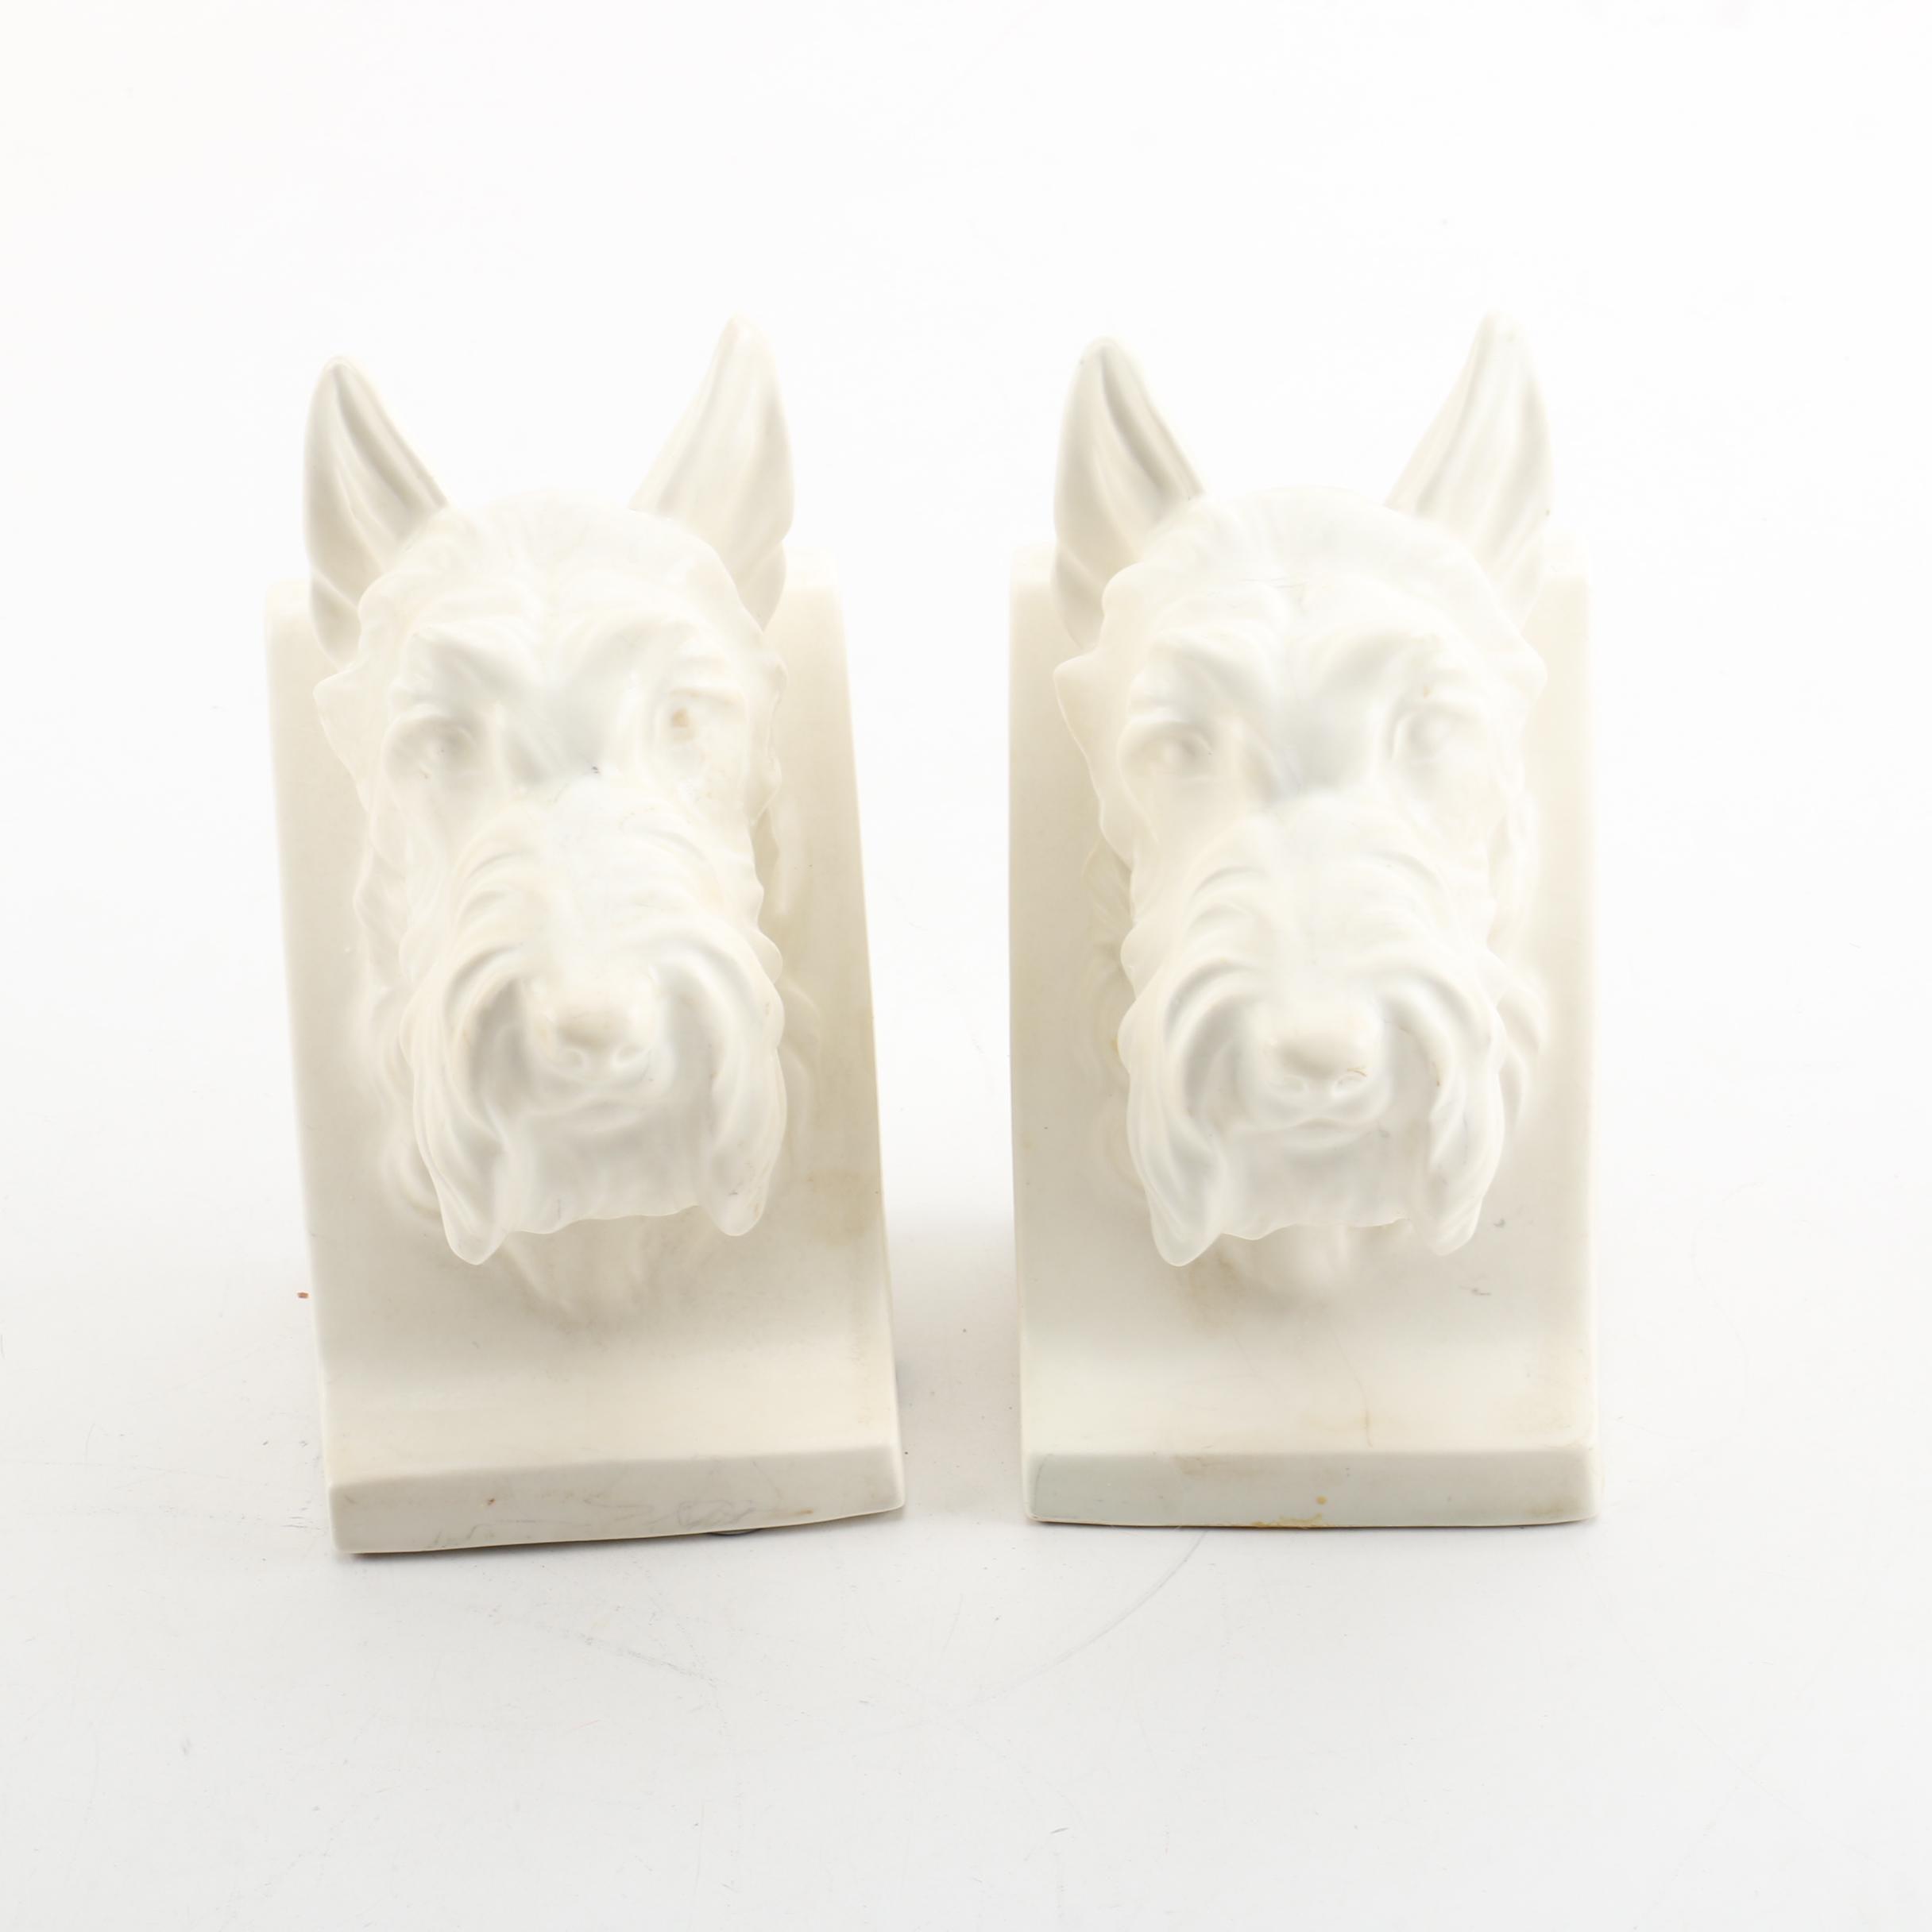 Ceramic Scottish Terrier Bookends